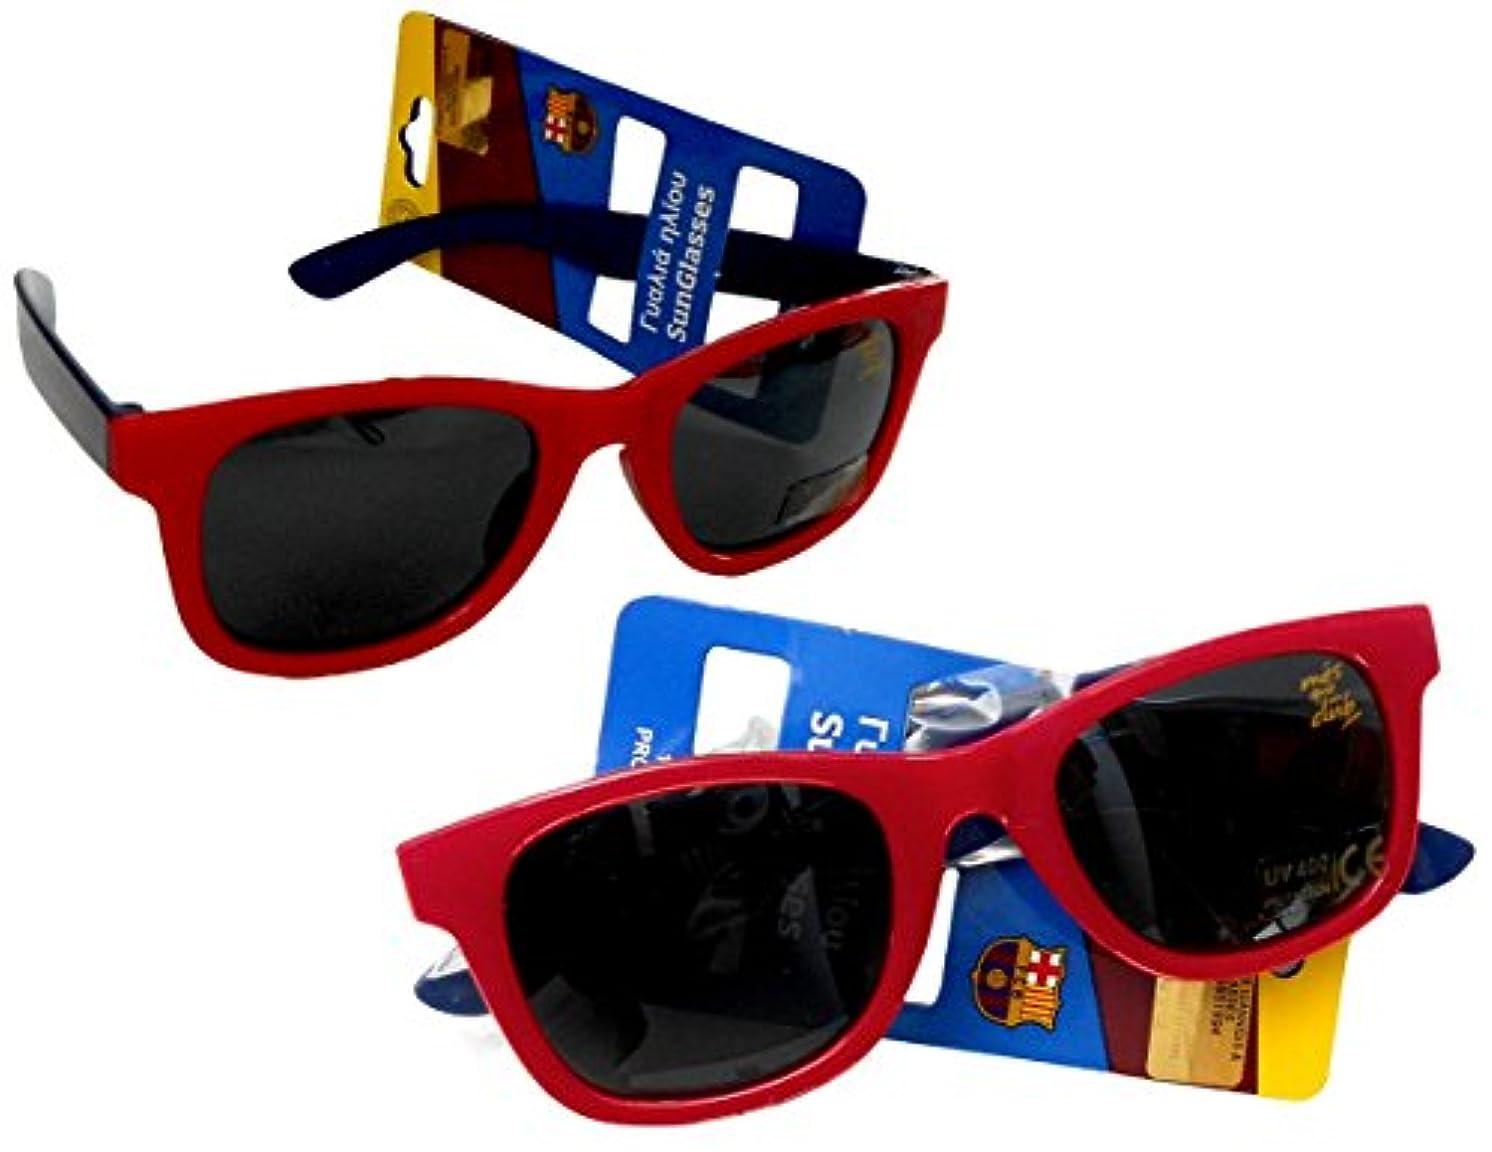 保育園出撃者エクスタシーF.C. バルセロナ キッズ サングラス UV 400 / F.C. Barcelona Kids Sunglasses UV 400